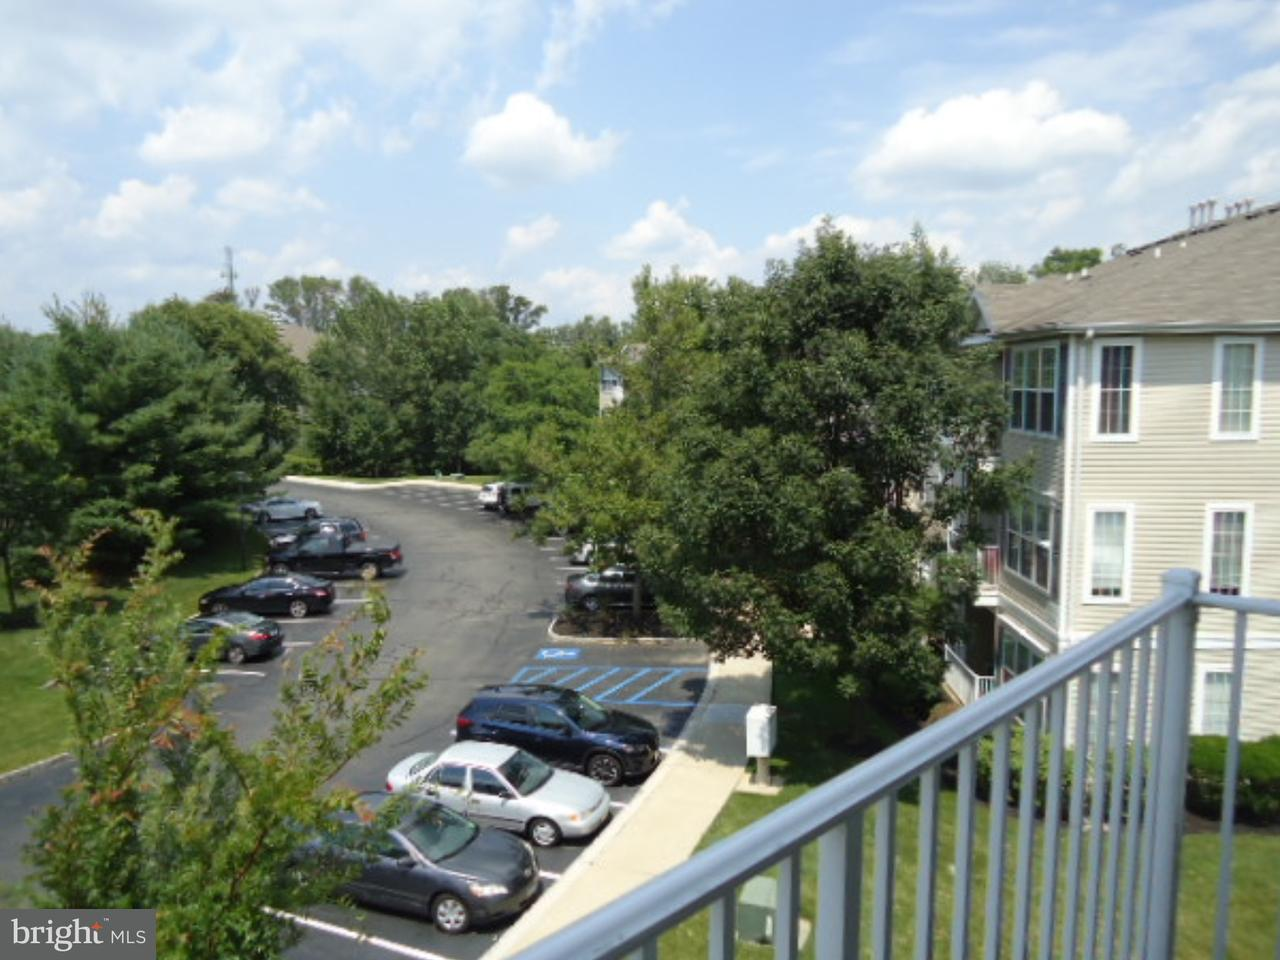 Appartement en copropriété pour l Vente à 48 KYLE WAY Ewing, New Jersey 08628 États-UnisDans/Autour: Ewing Township